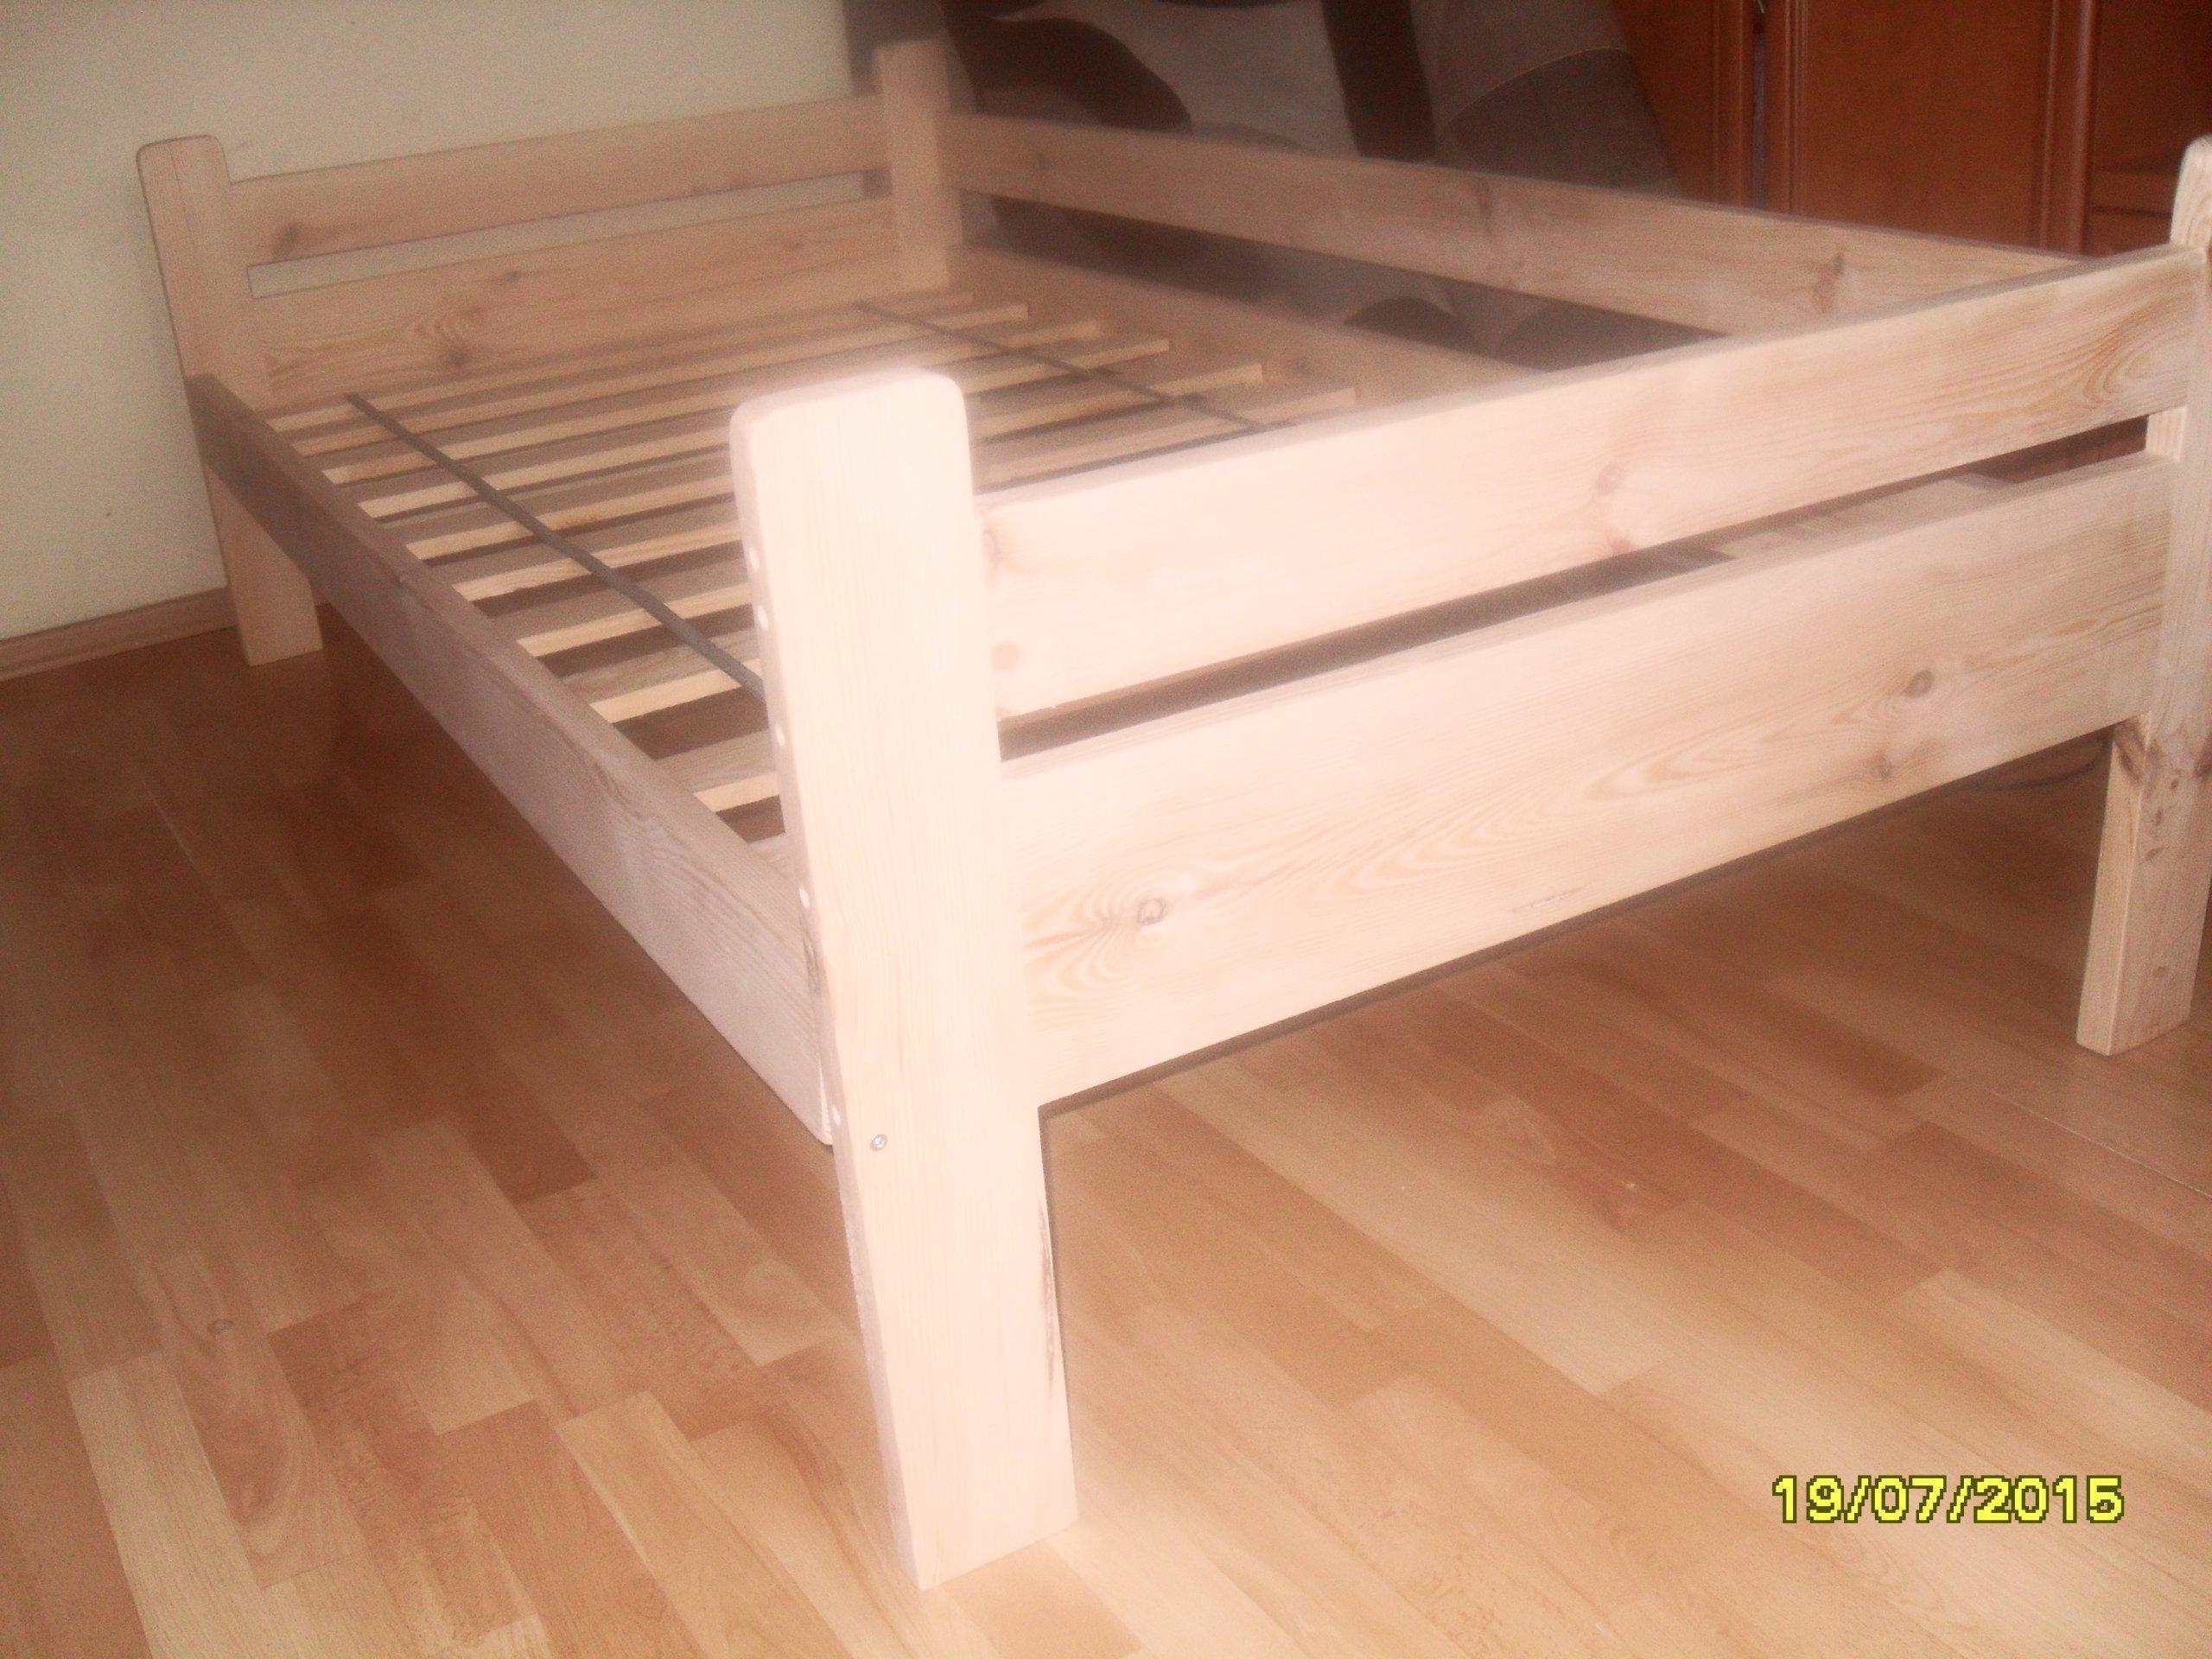 łóżko Sosnowe 90x200 Z Barierką Lakierowane 7254925357 Oficjalne